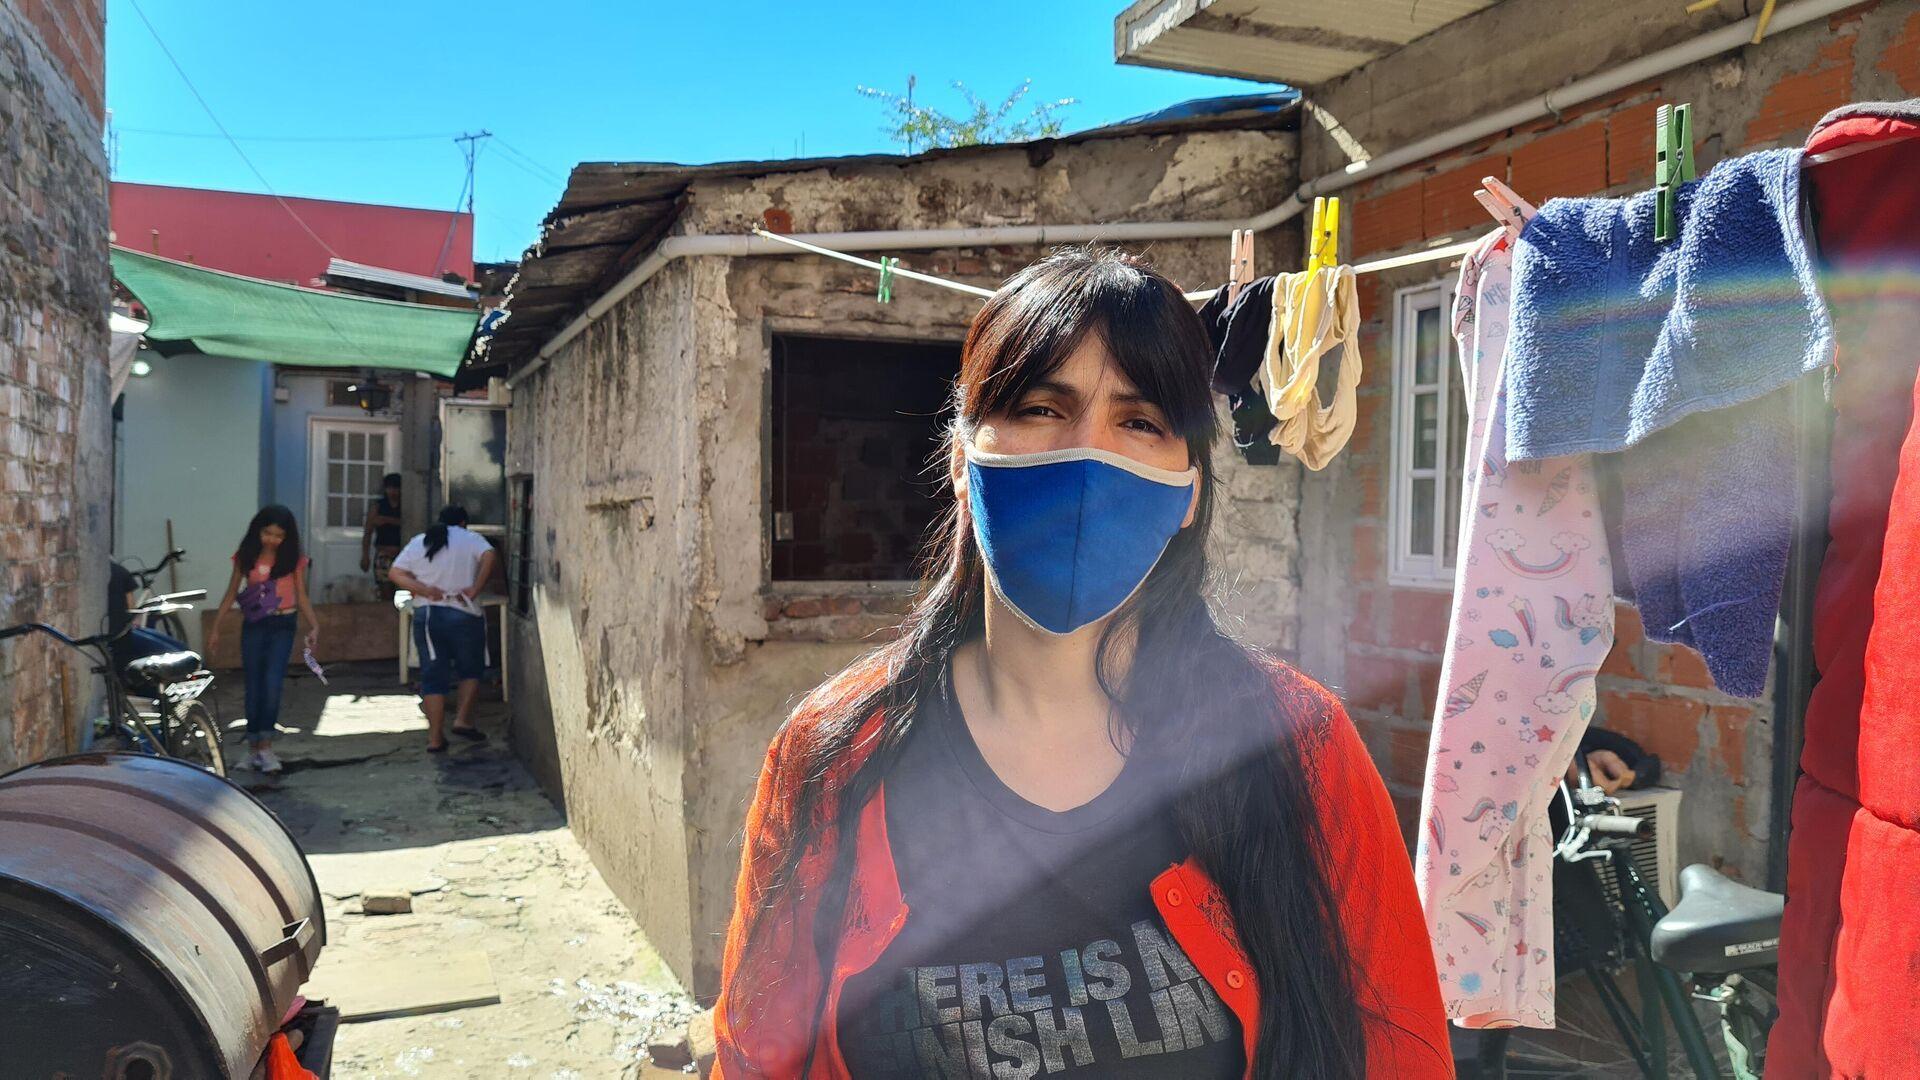 Viviana Echeverría, vecina de la villa 21-24, teme mandar a su hija a la escuela - Sputnik Mundo, 1920, 30.04.2021